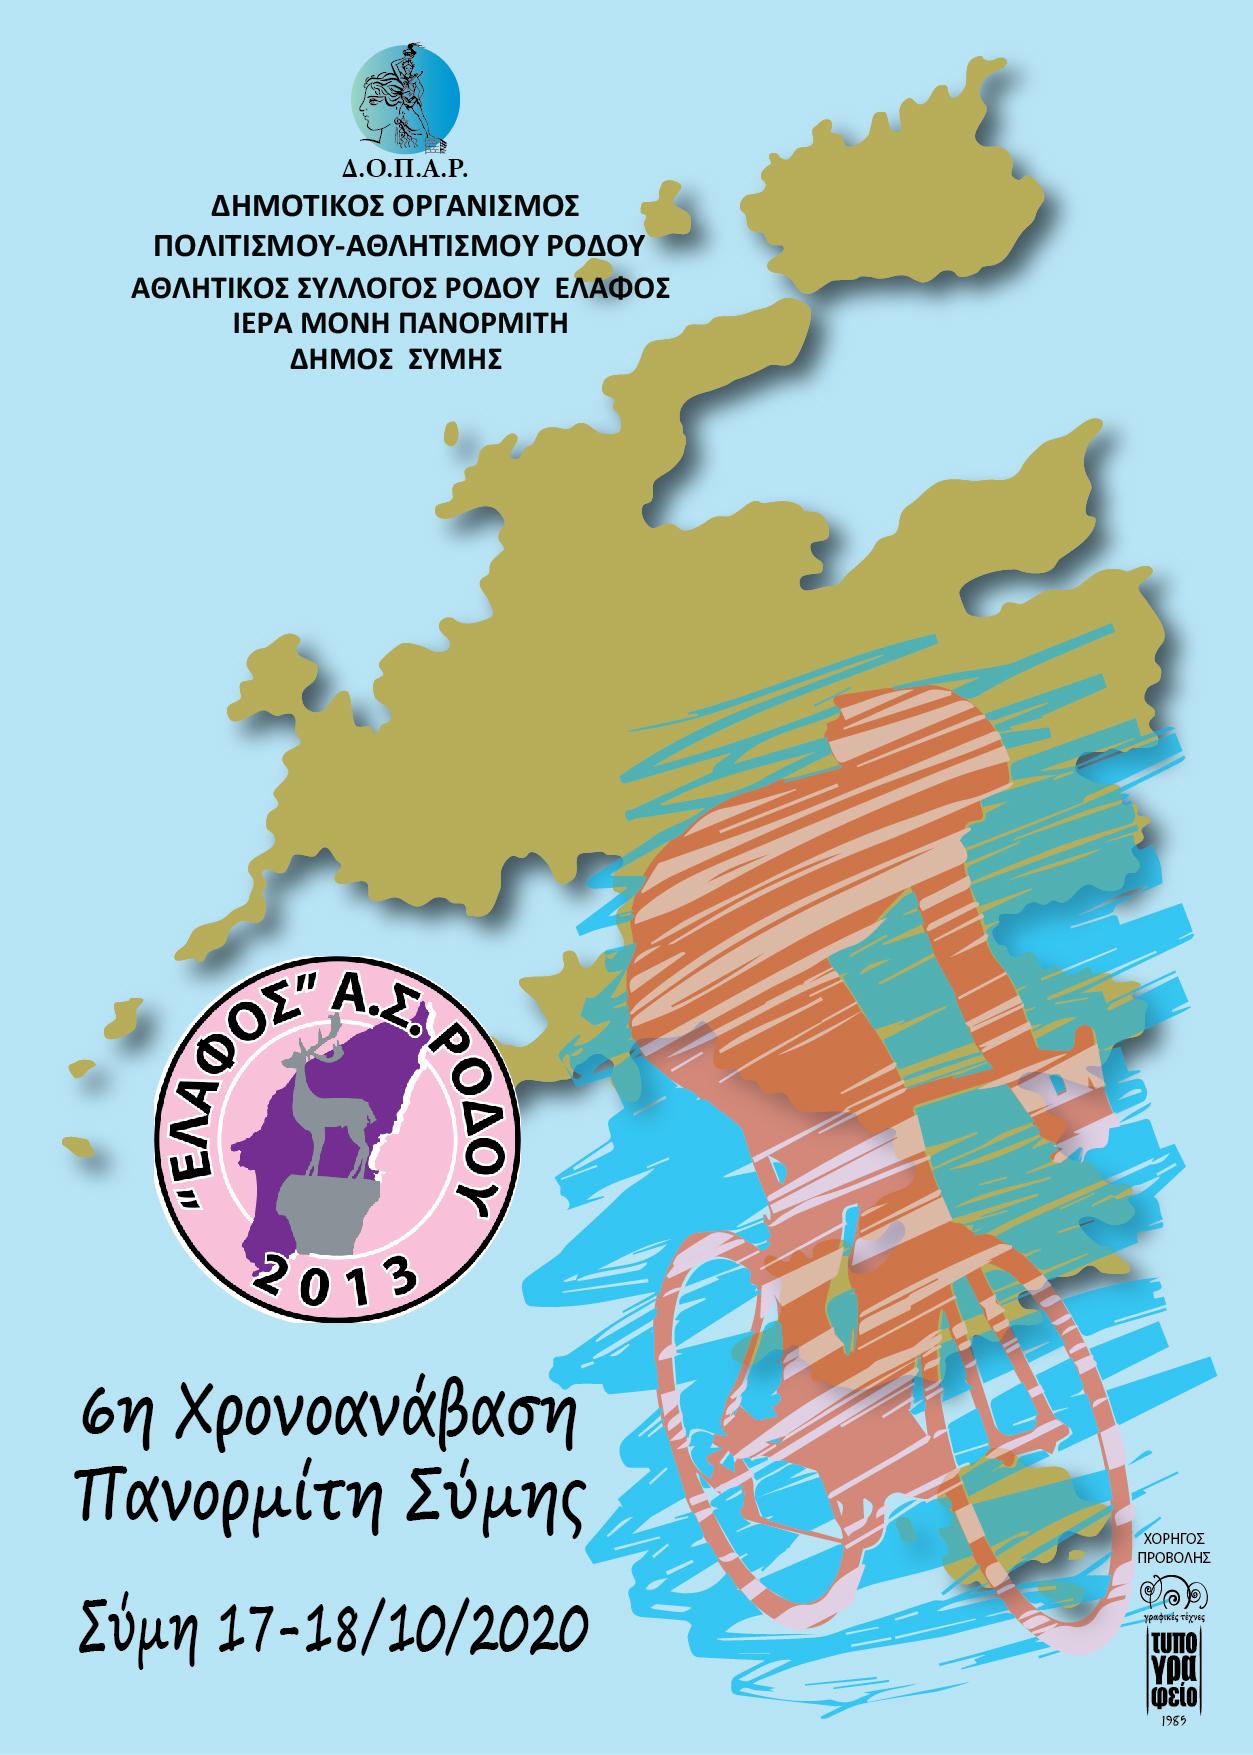 6η ποδηλατική ανάβαση Πανορμίτη 17 – 18 Οκτωβρίου στην Σύμη